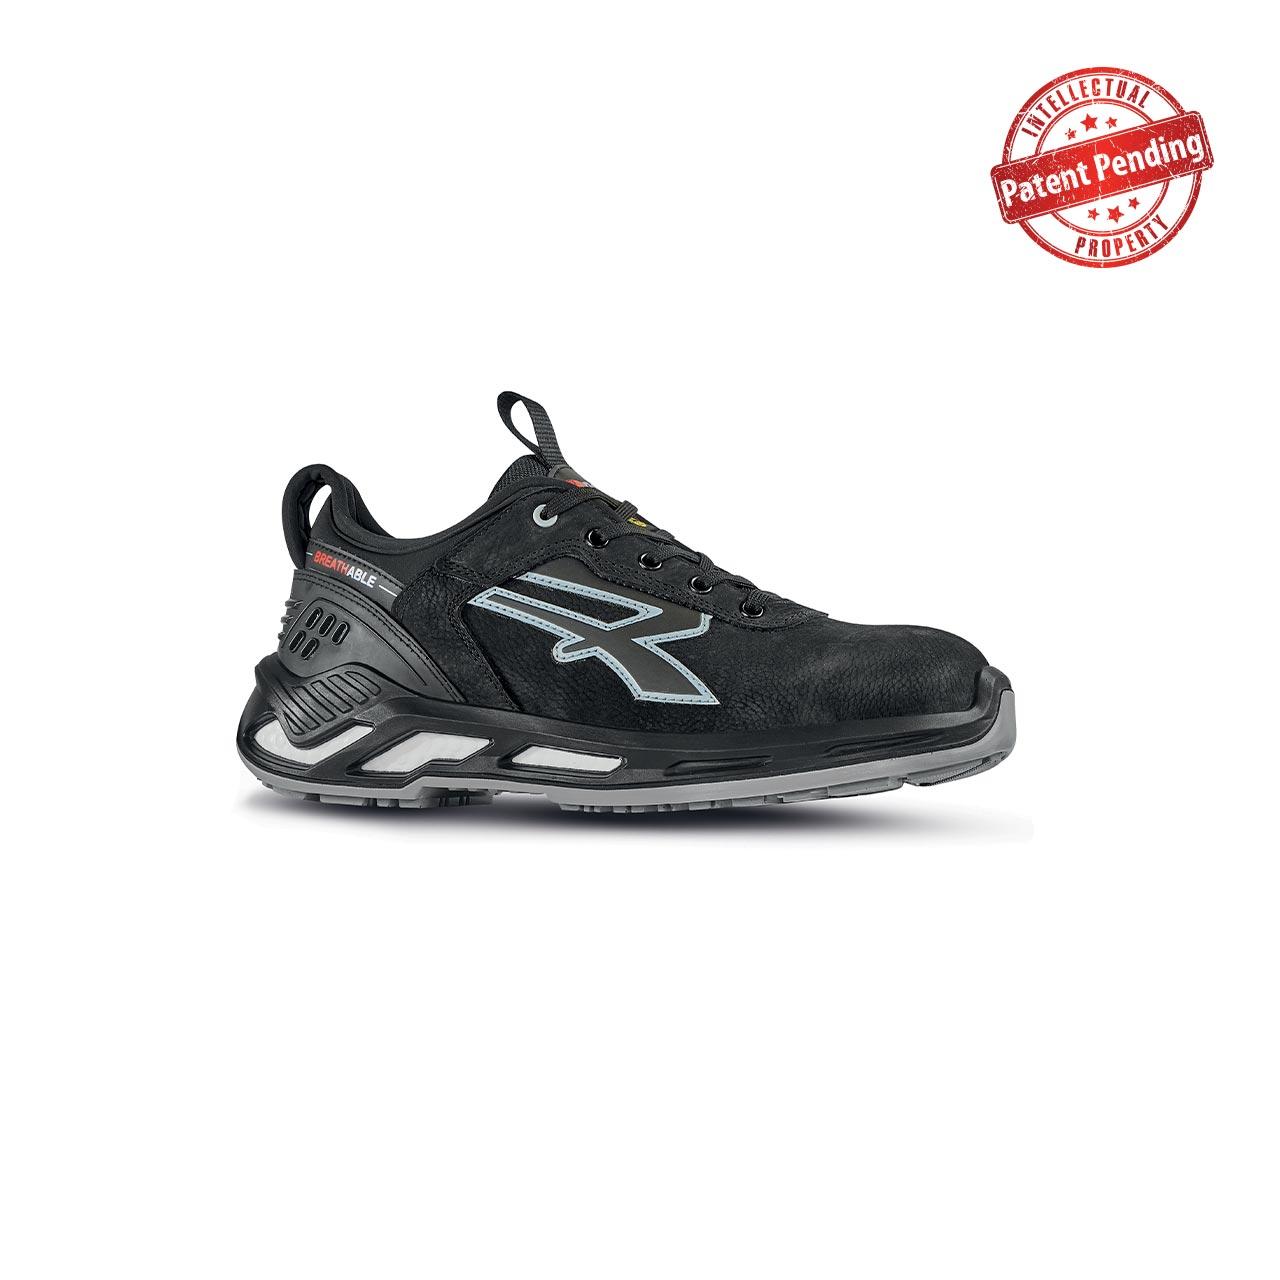 scarpa antinfortunistica upower modello rush linea red360 vista laterale